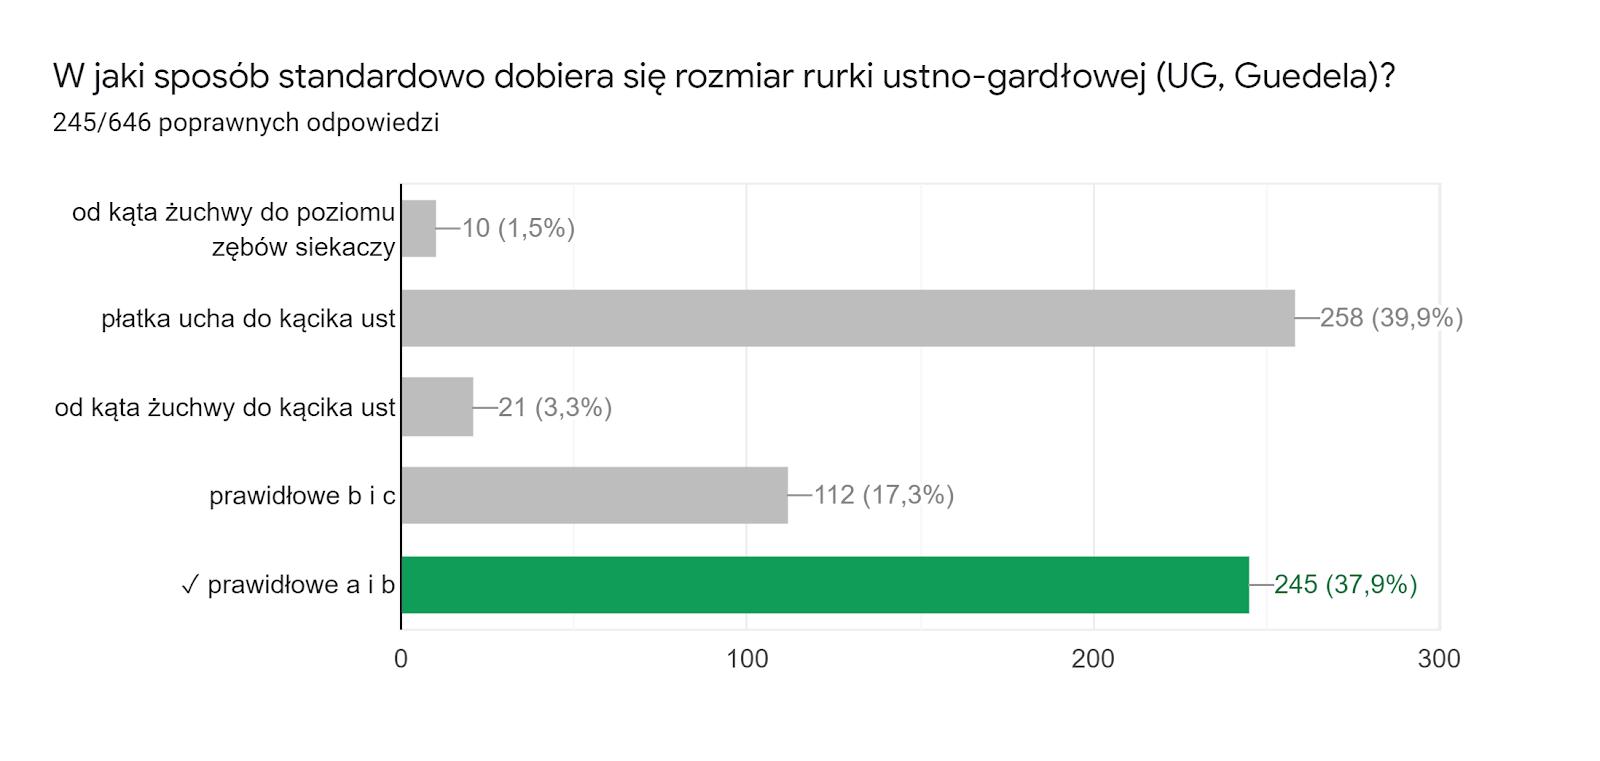 Wykres odpowiedzi z Formularzy. Tytuł pytania: W jaki sposób standardowo dobiera się rozmiar rurki ustno-gardłowej (UG, Guedela)?. Liczba odpowiedzi: 245/646 poprawnych odpowiedzi.